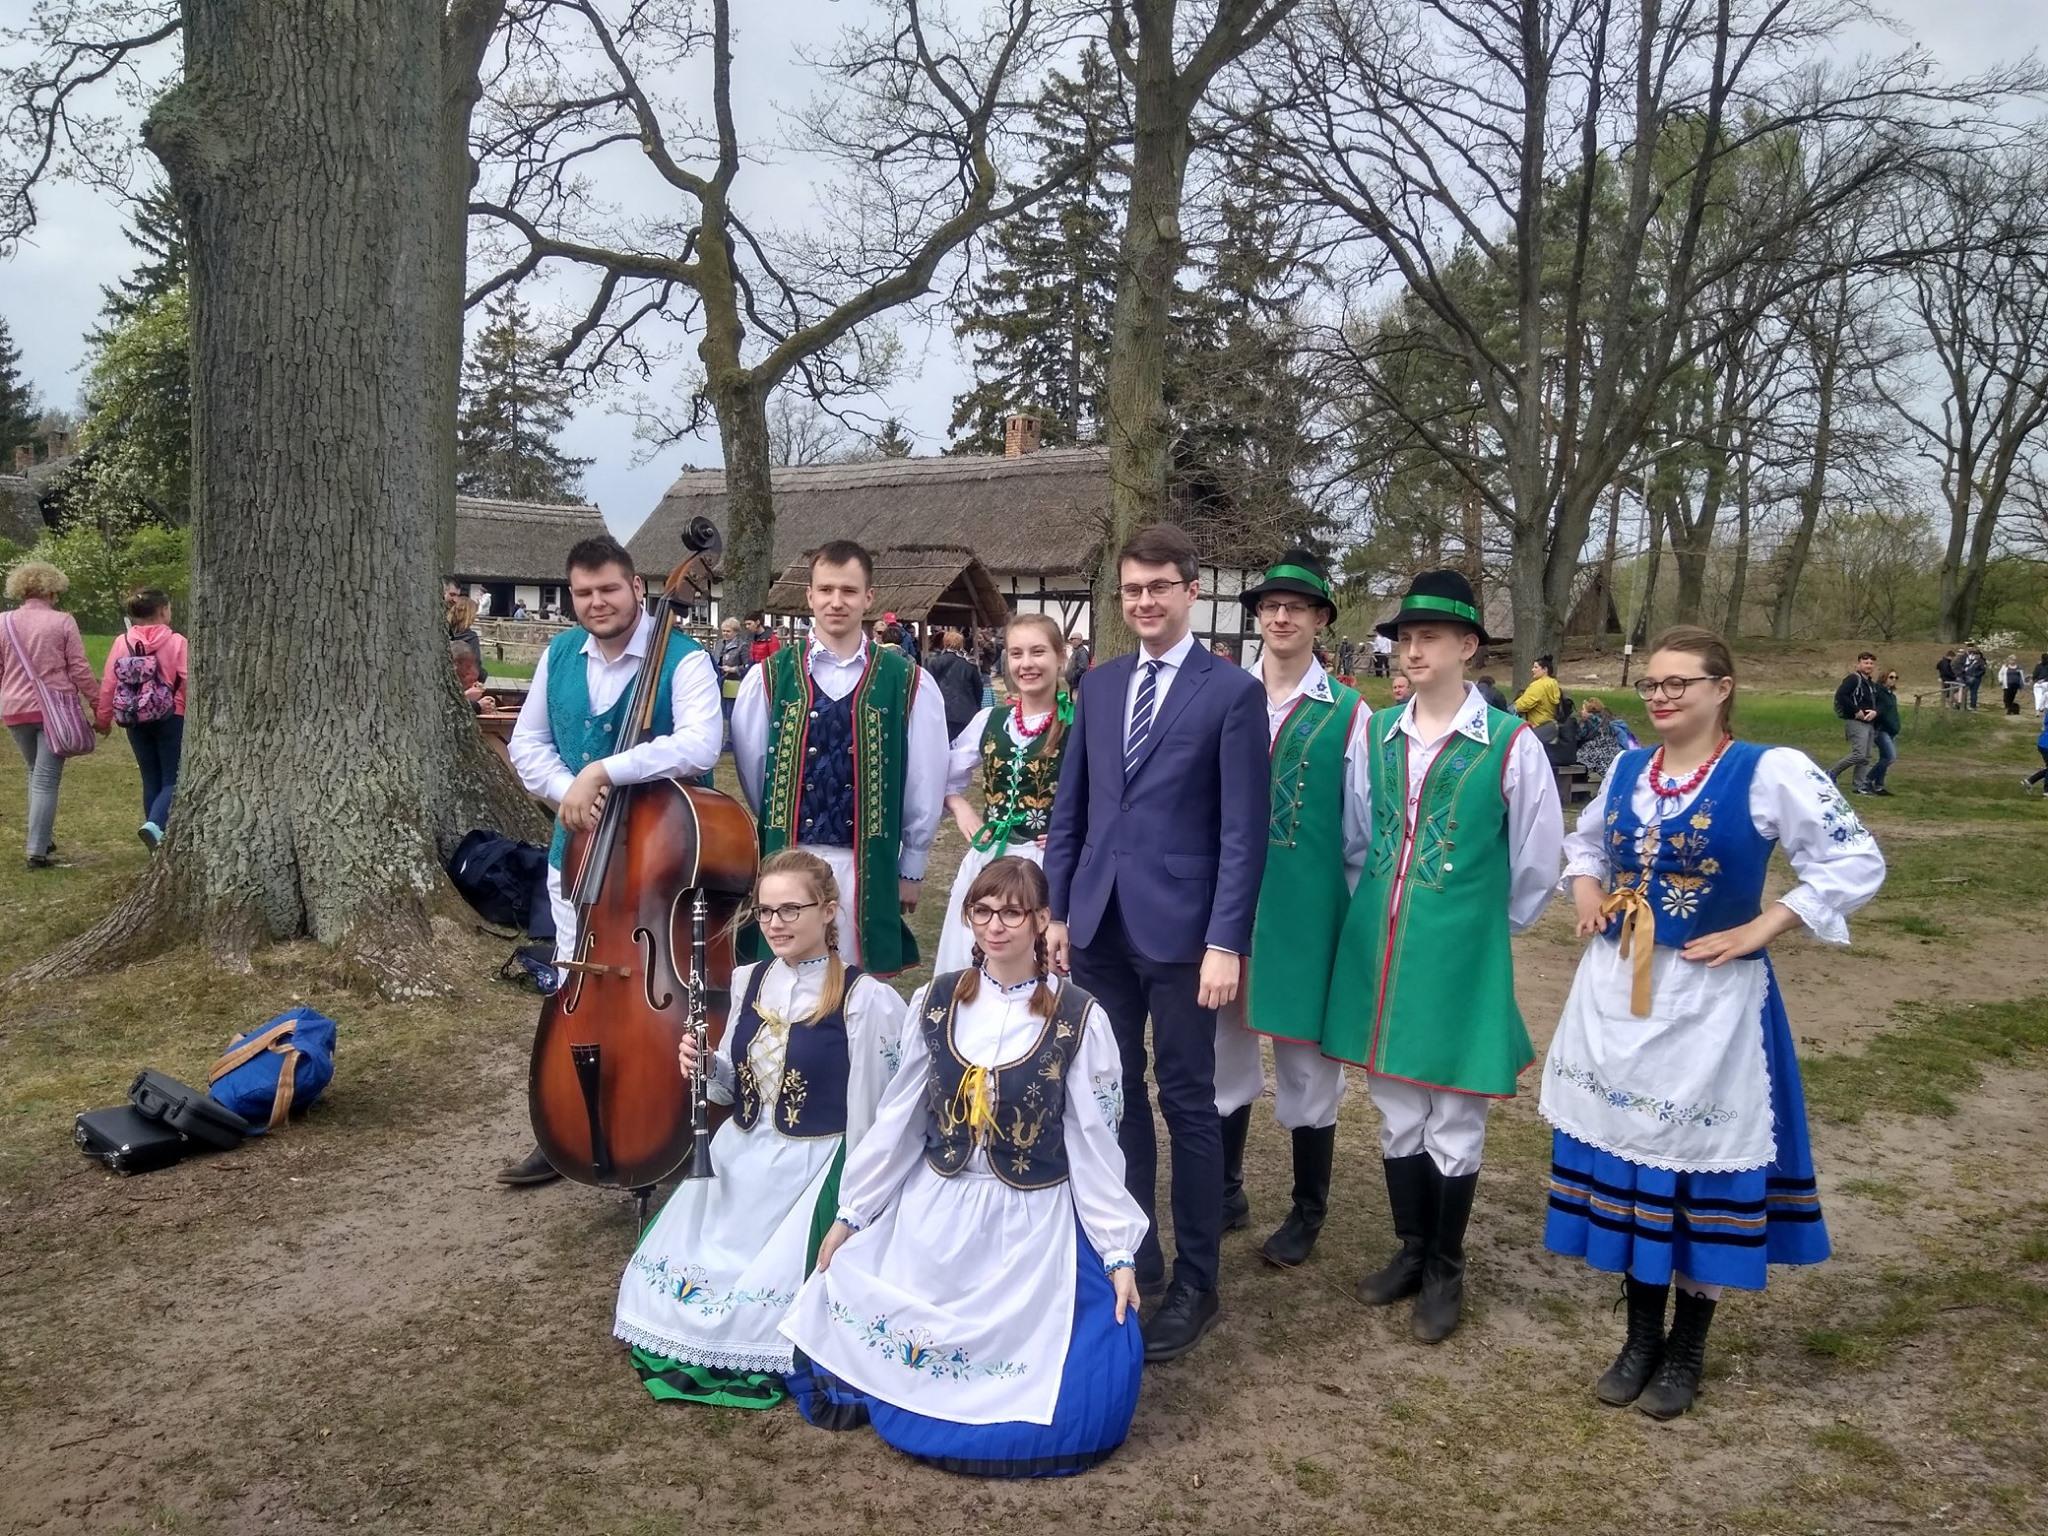 Już od 25 lat  mieszkańcy regionu spotykają się na Czarnym Weselu przypominającym stare tradycje